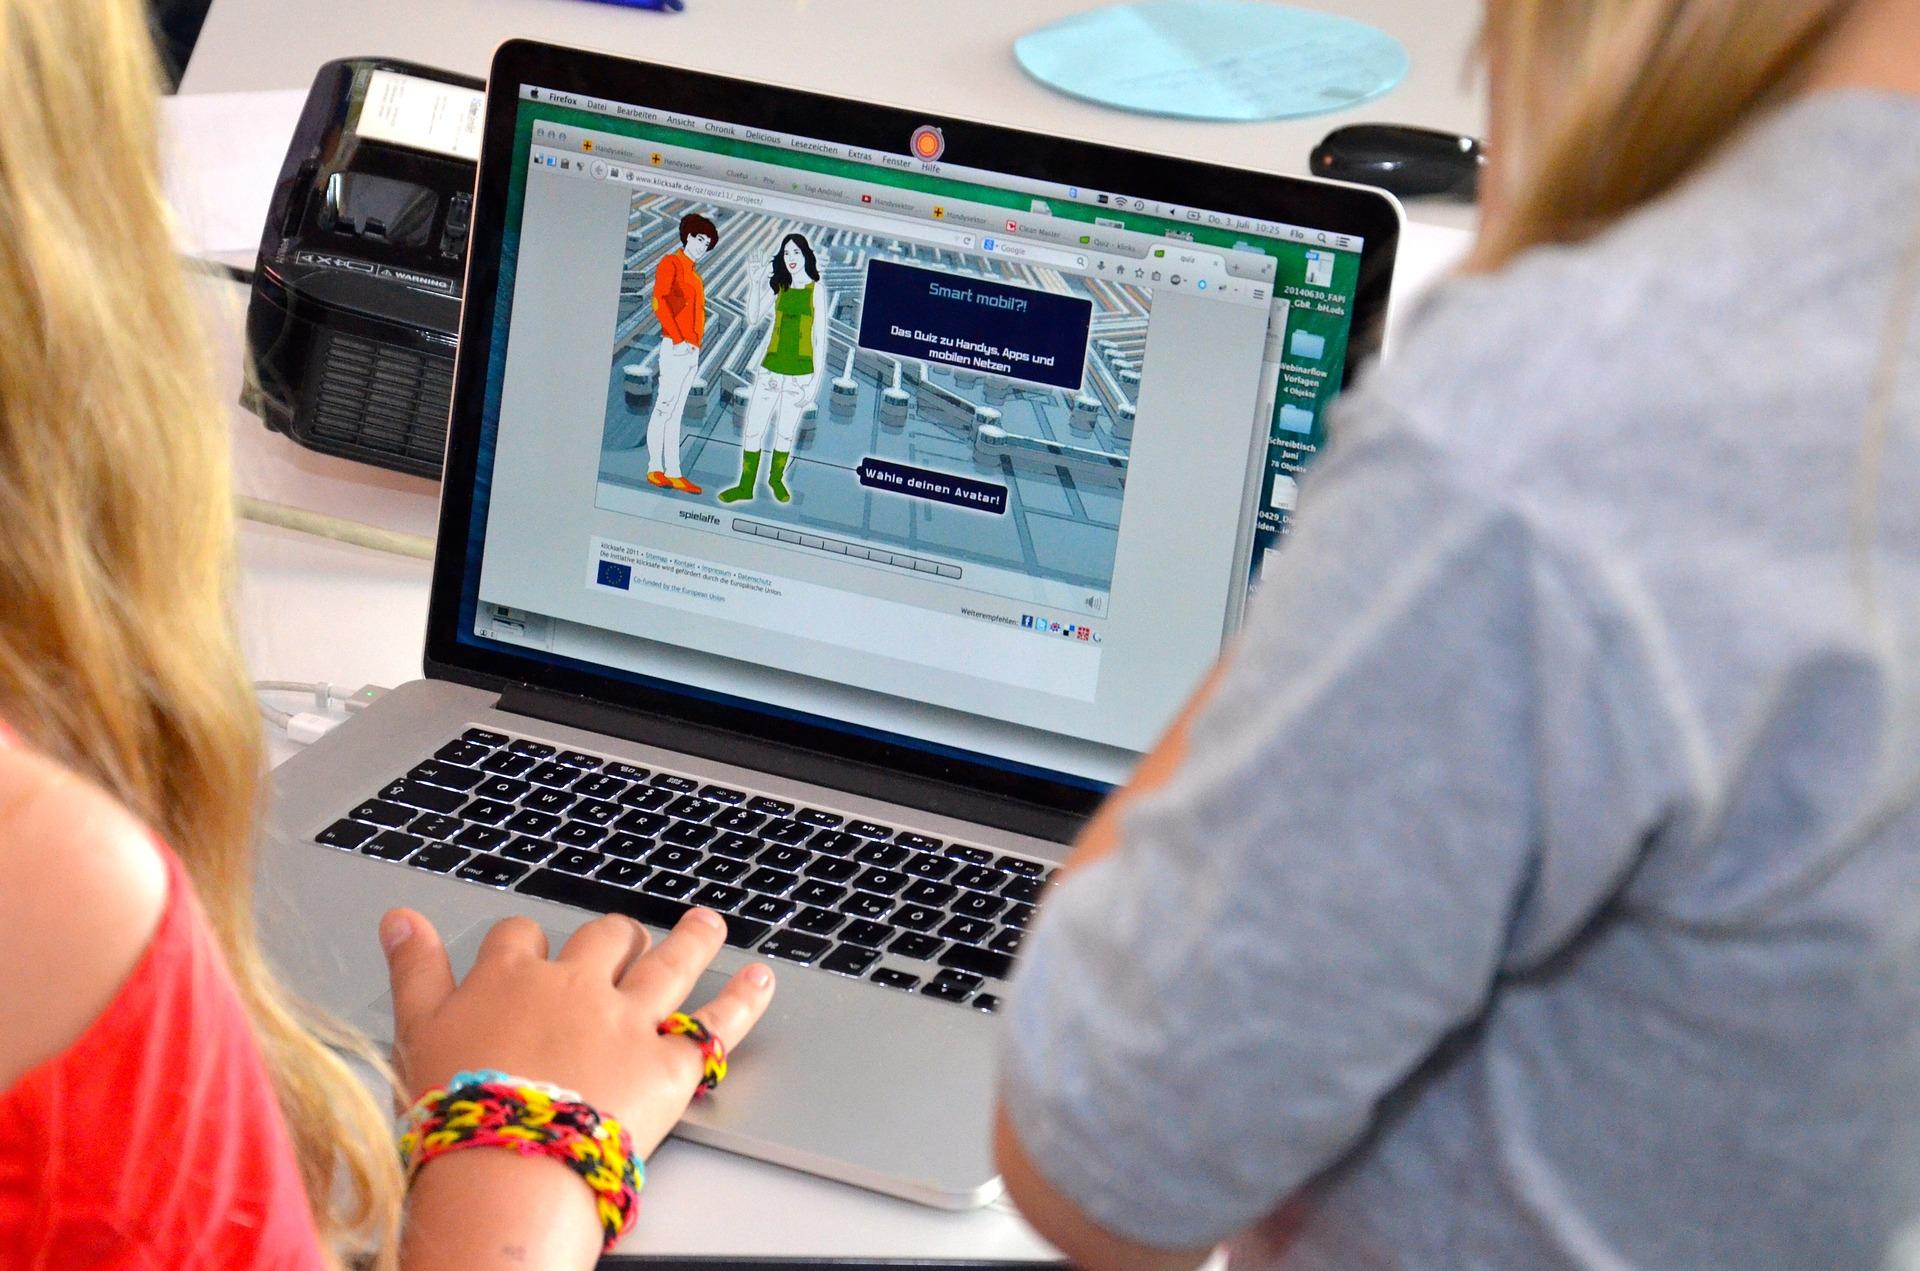 hohe Sichtbarkeit im Internet bringt mehr Kunden, Foto: Tobias. Albers-Heinemann, Pixabay